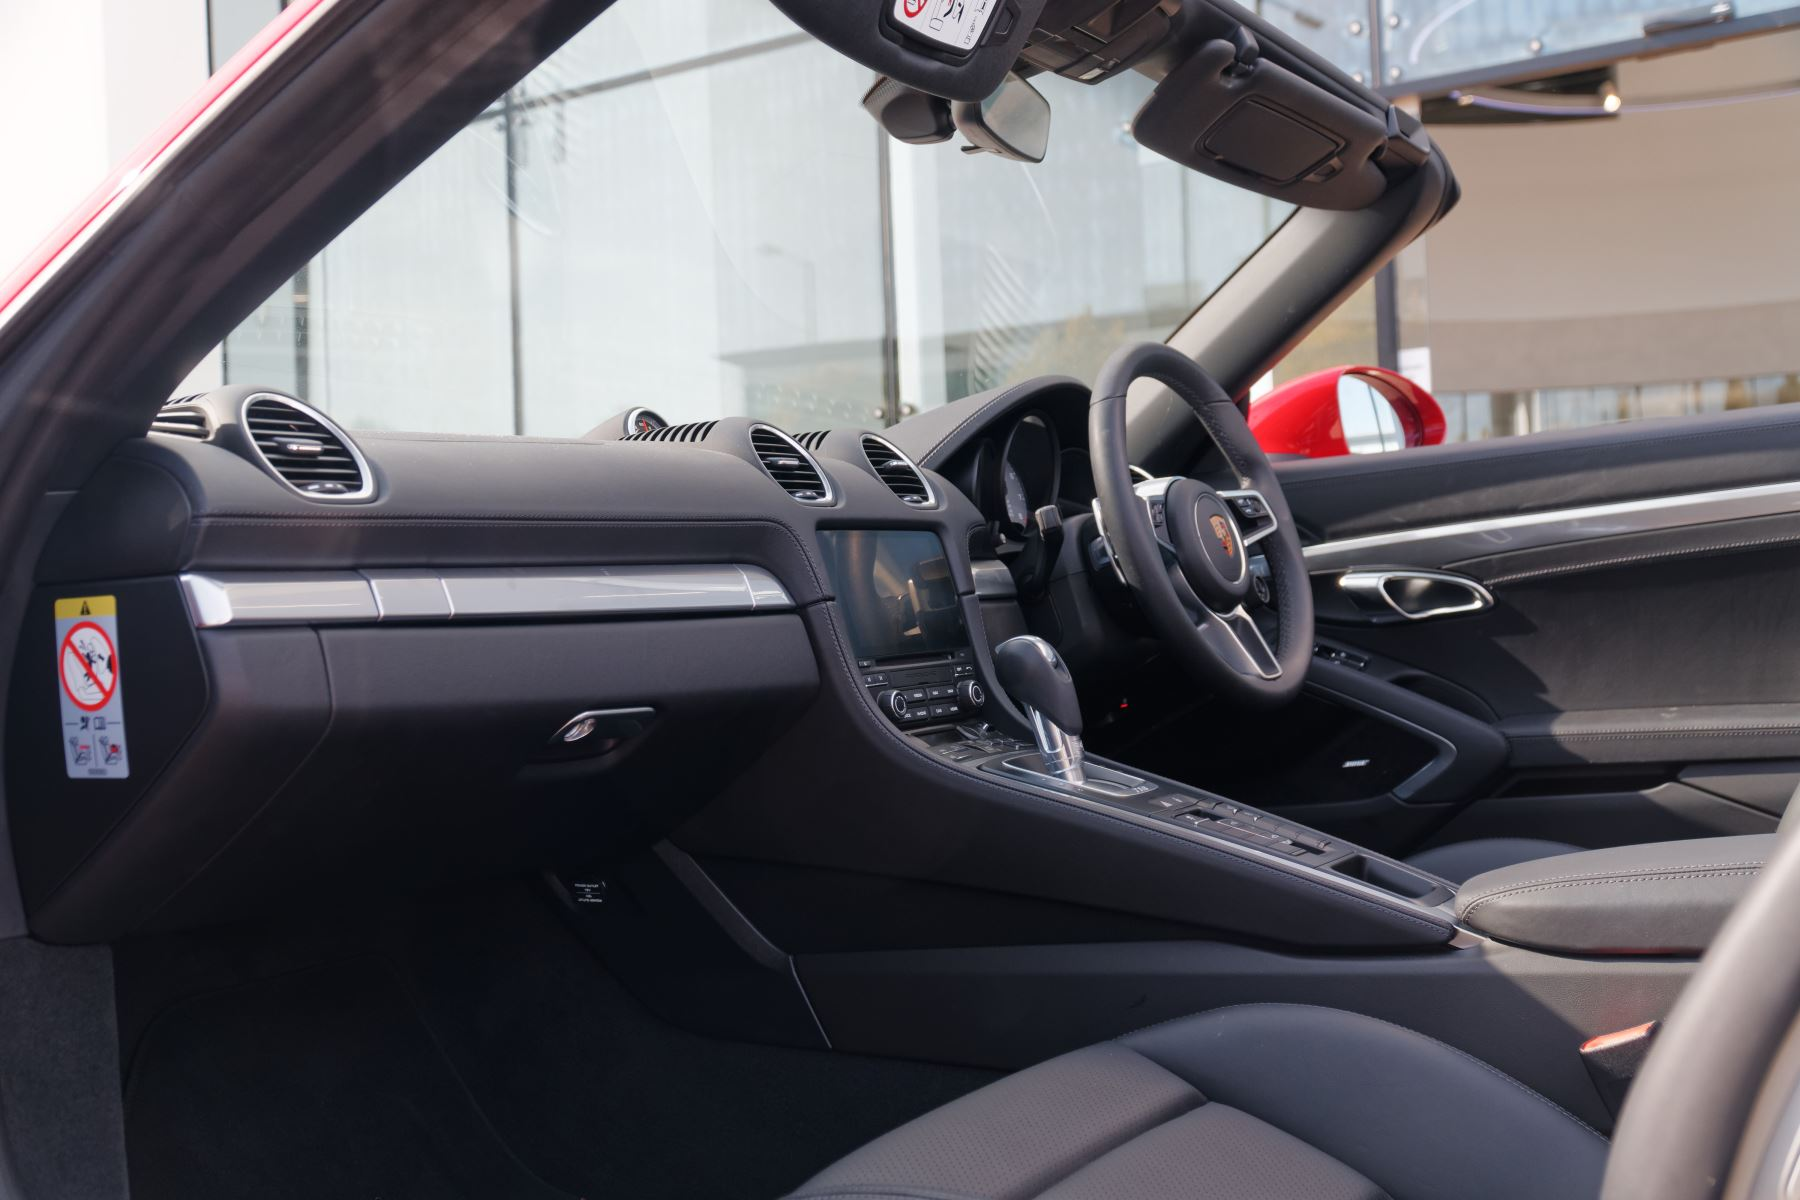 Porsche Boxster S image 32